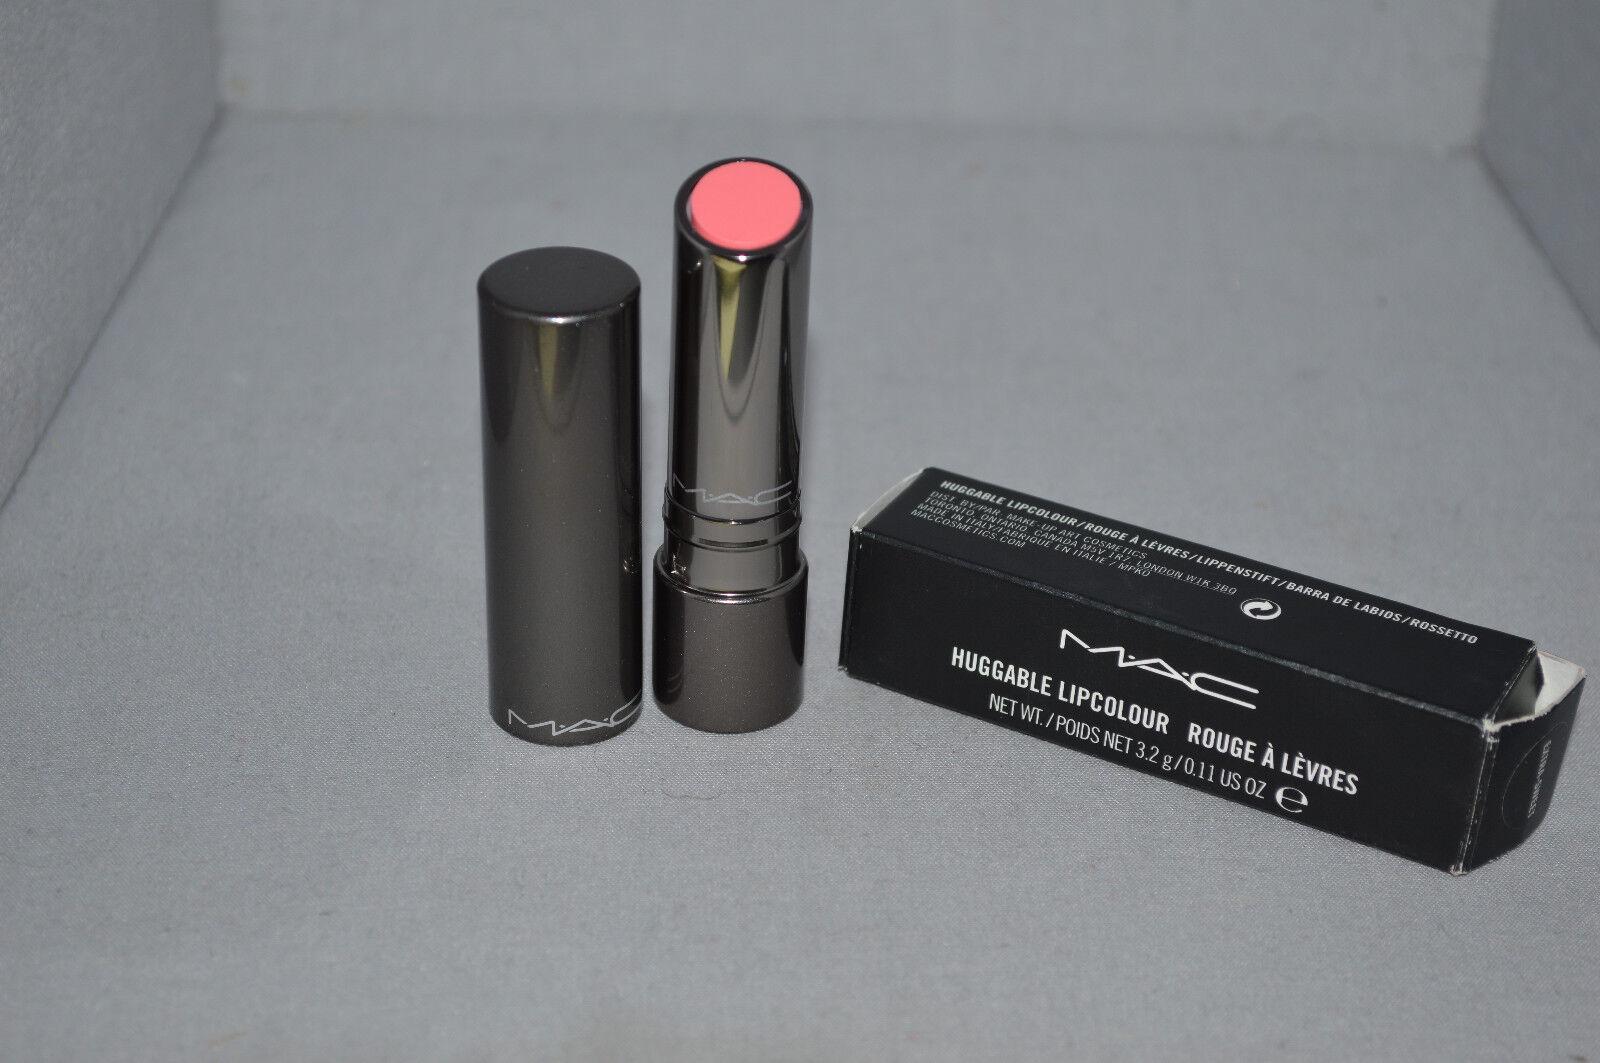 mac huggable lip colour makeupalley